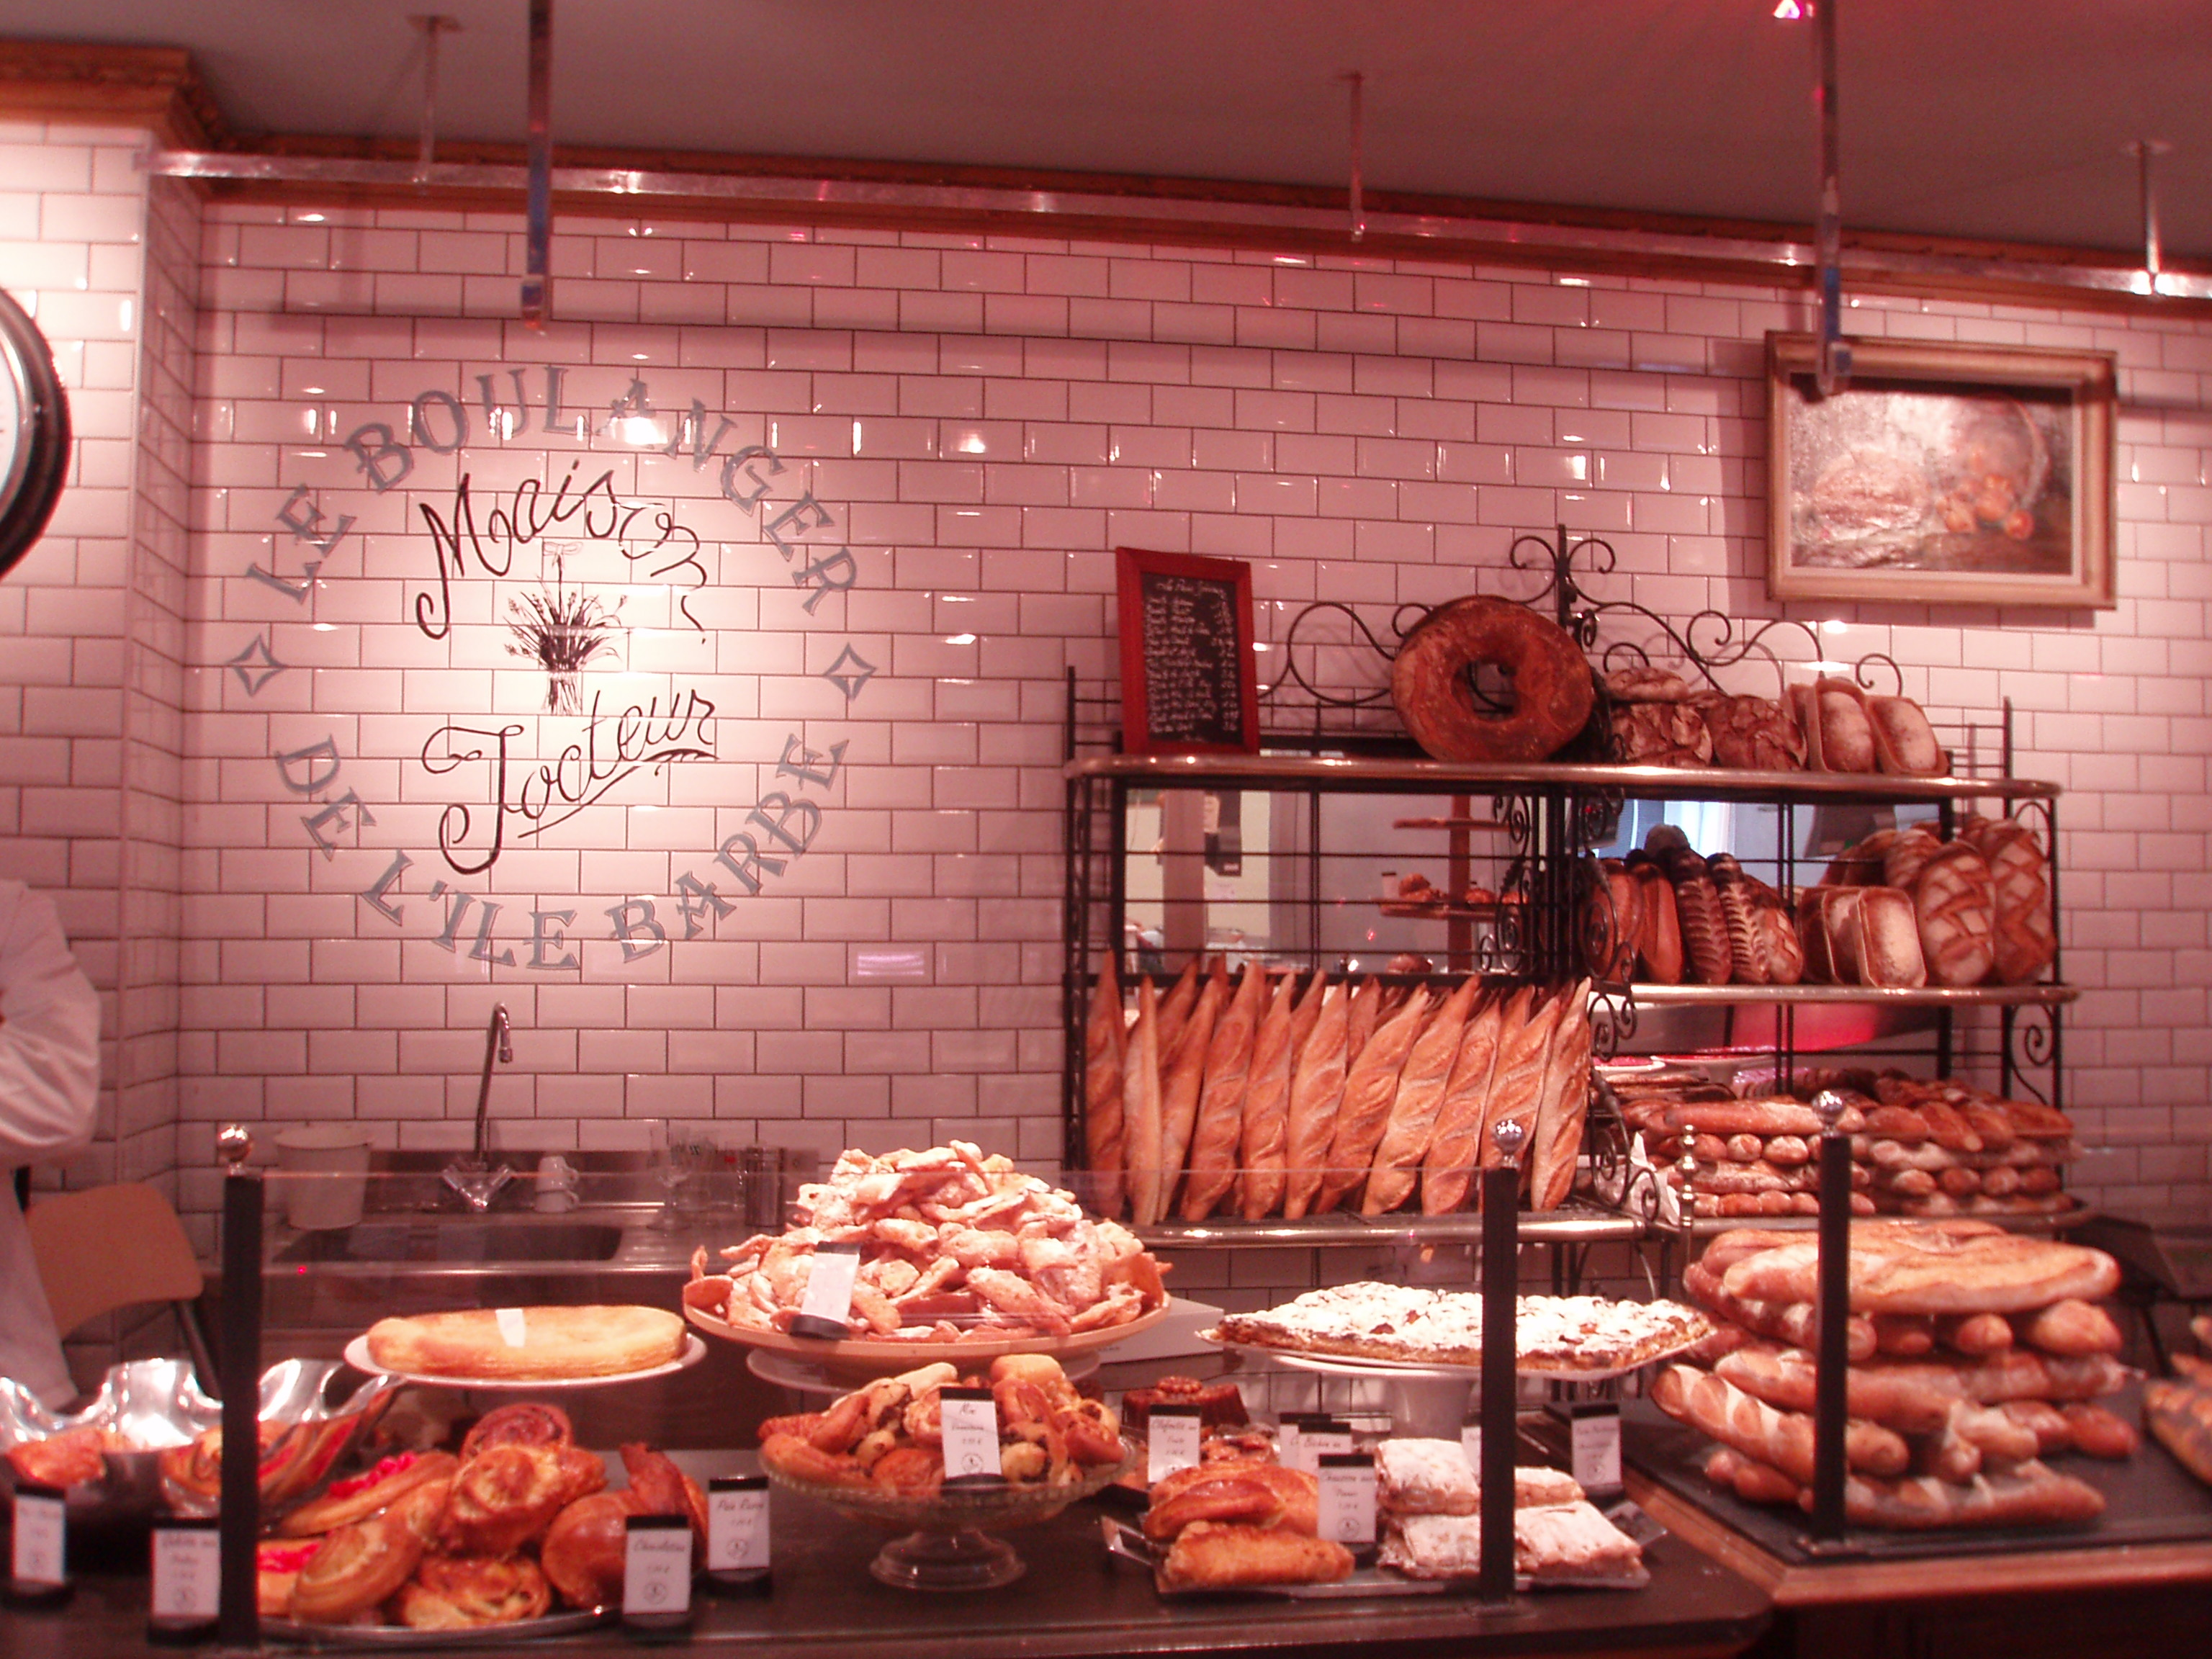 Boulangeries : conozca una panaderia en Francia. | agustina motto